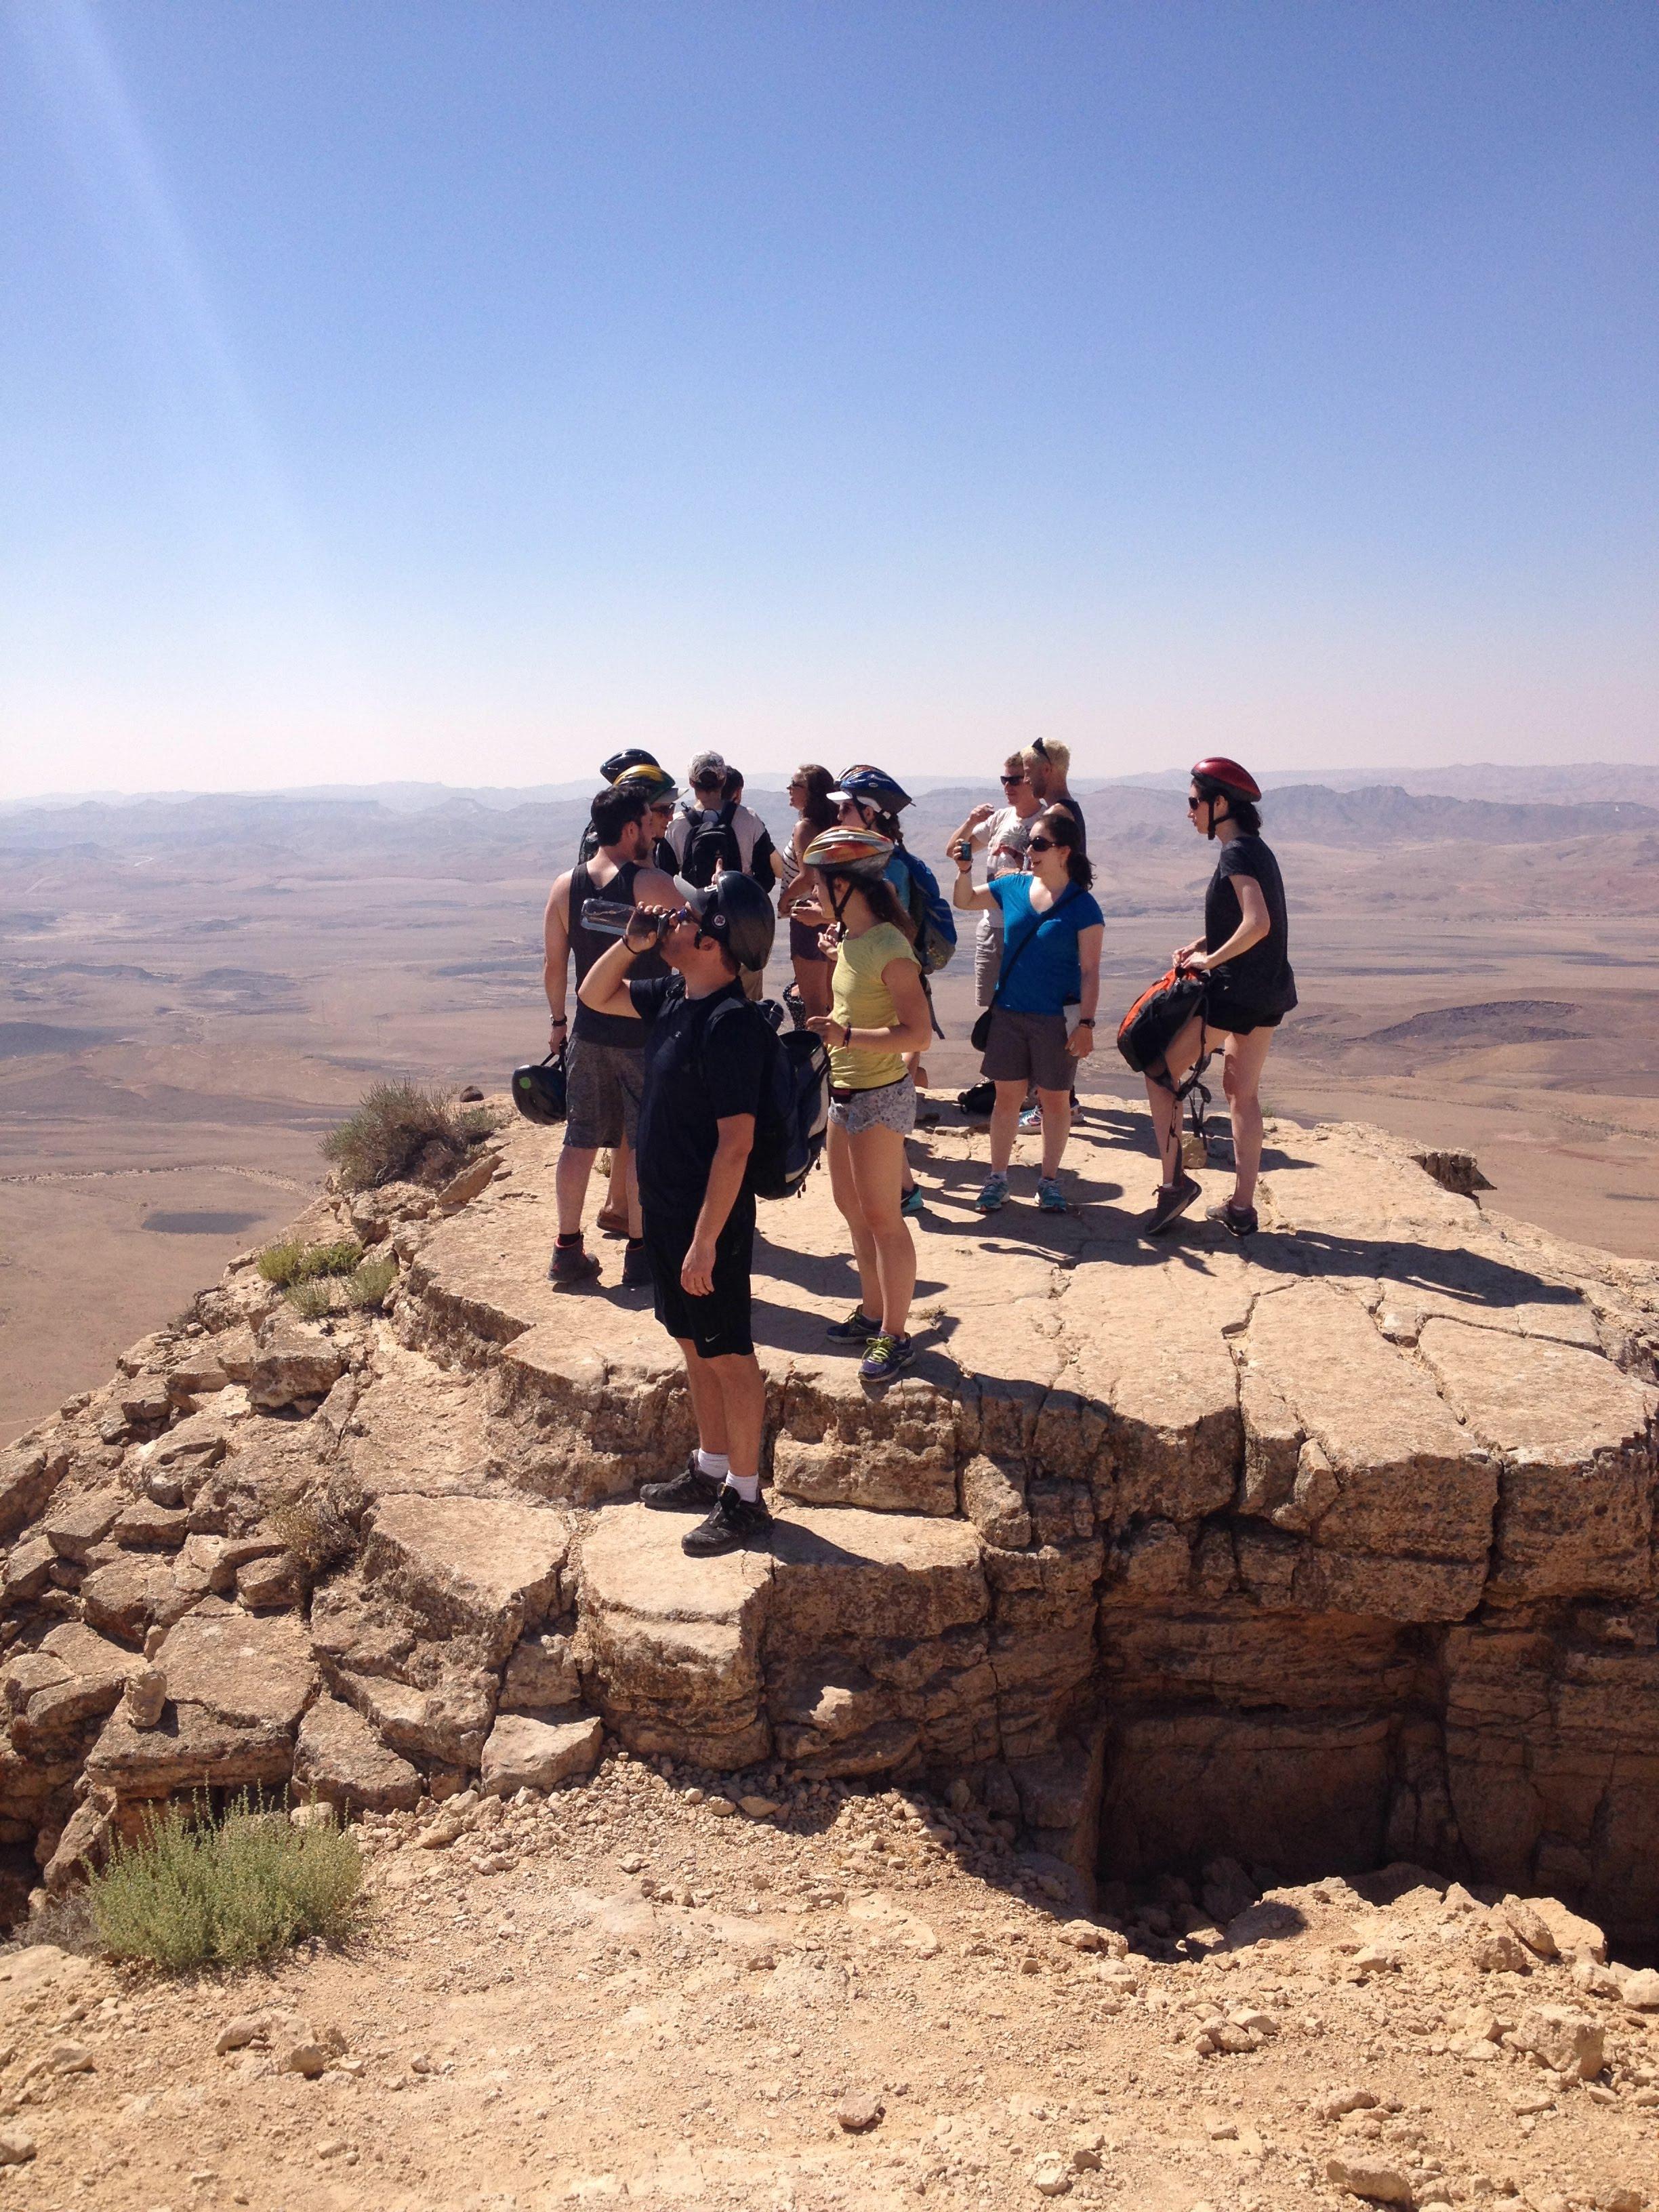 הדרכת טיול במדבר